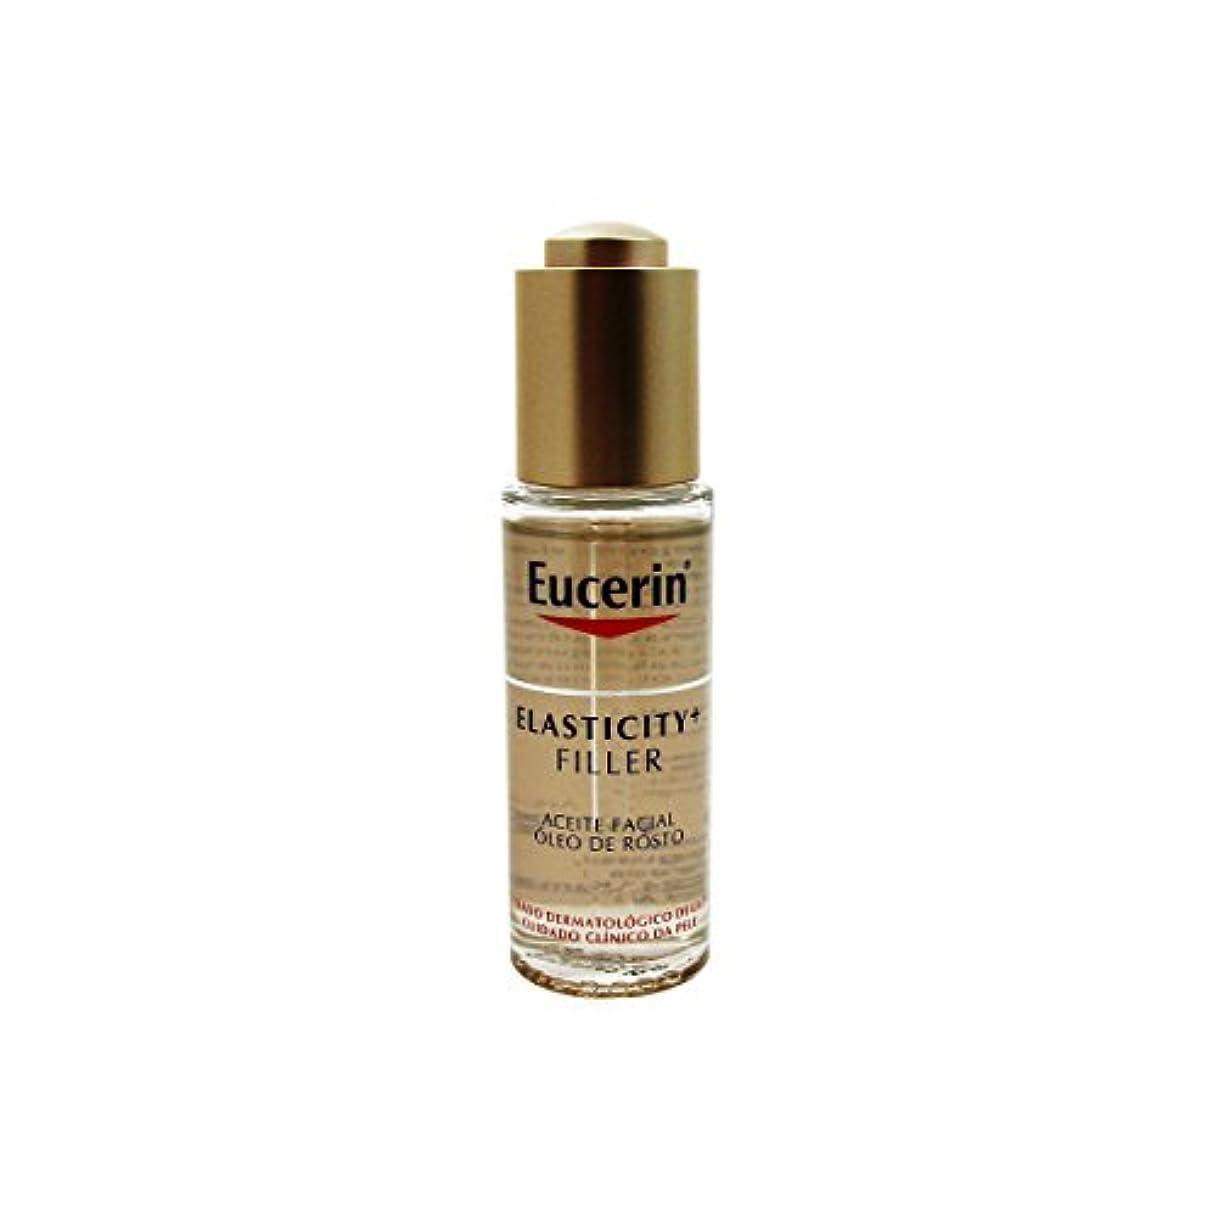 シャーリテラシー回想Eucerin Elasticity Filler Facial Oil 30ml [並行輸入品]